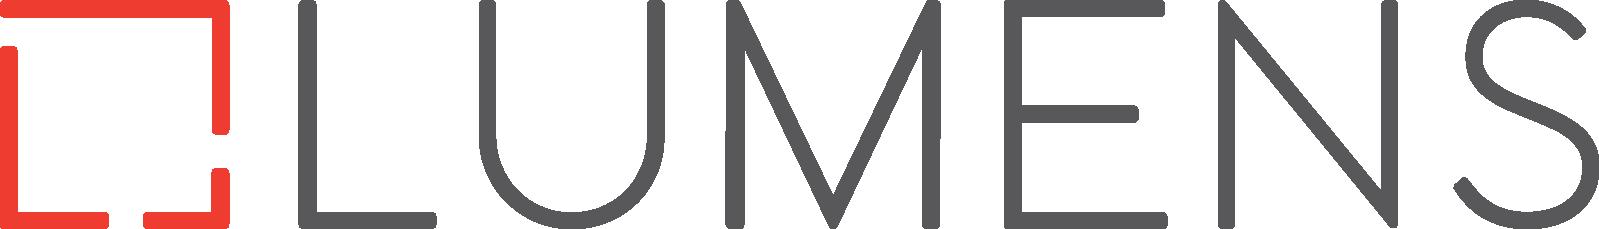 Lumens.com logo